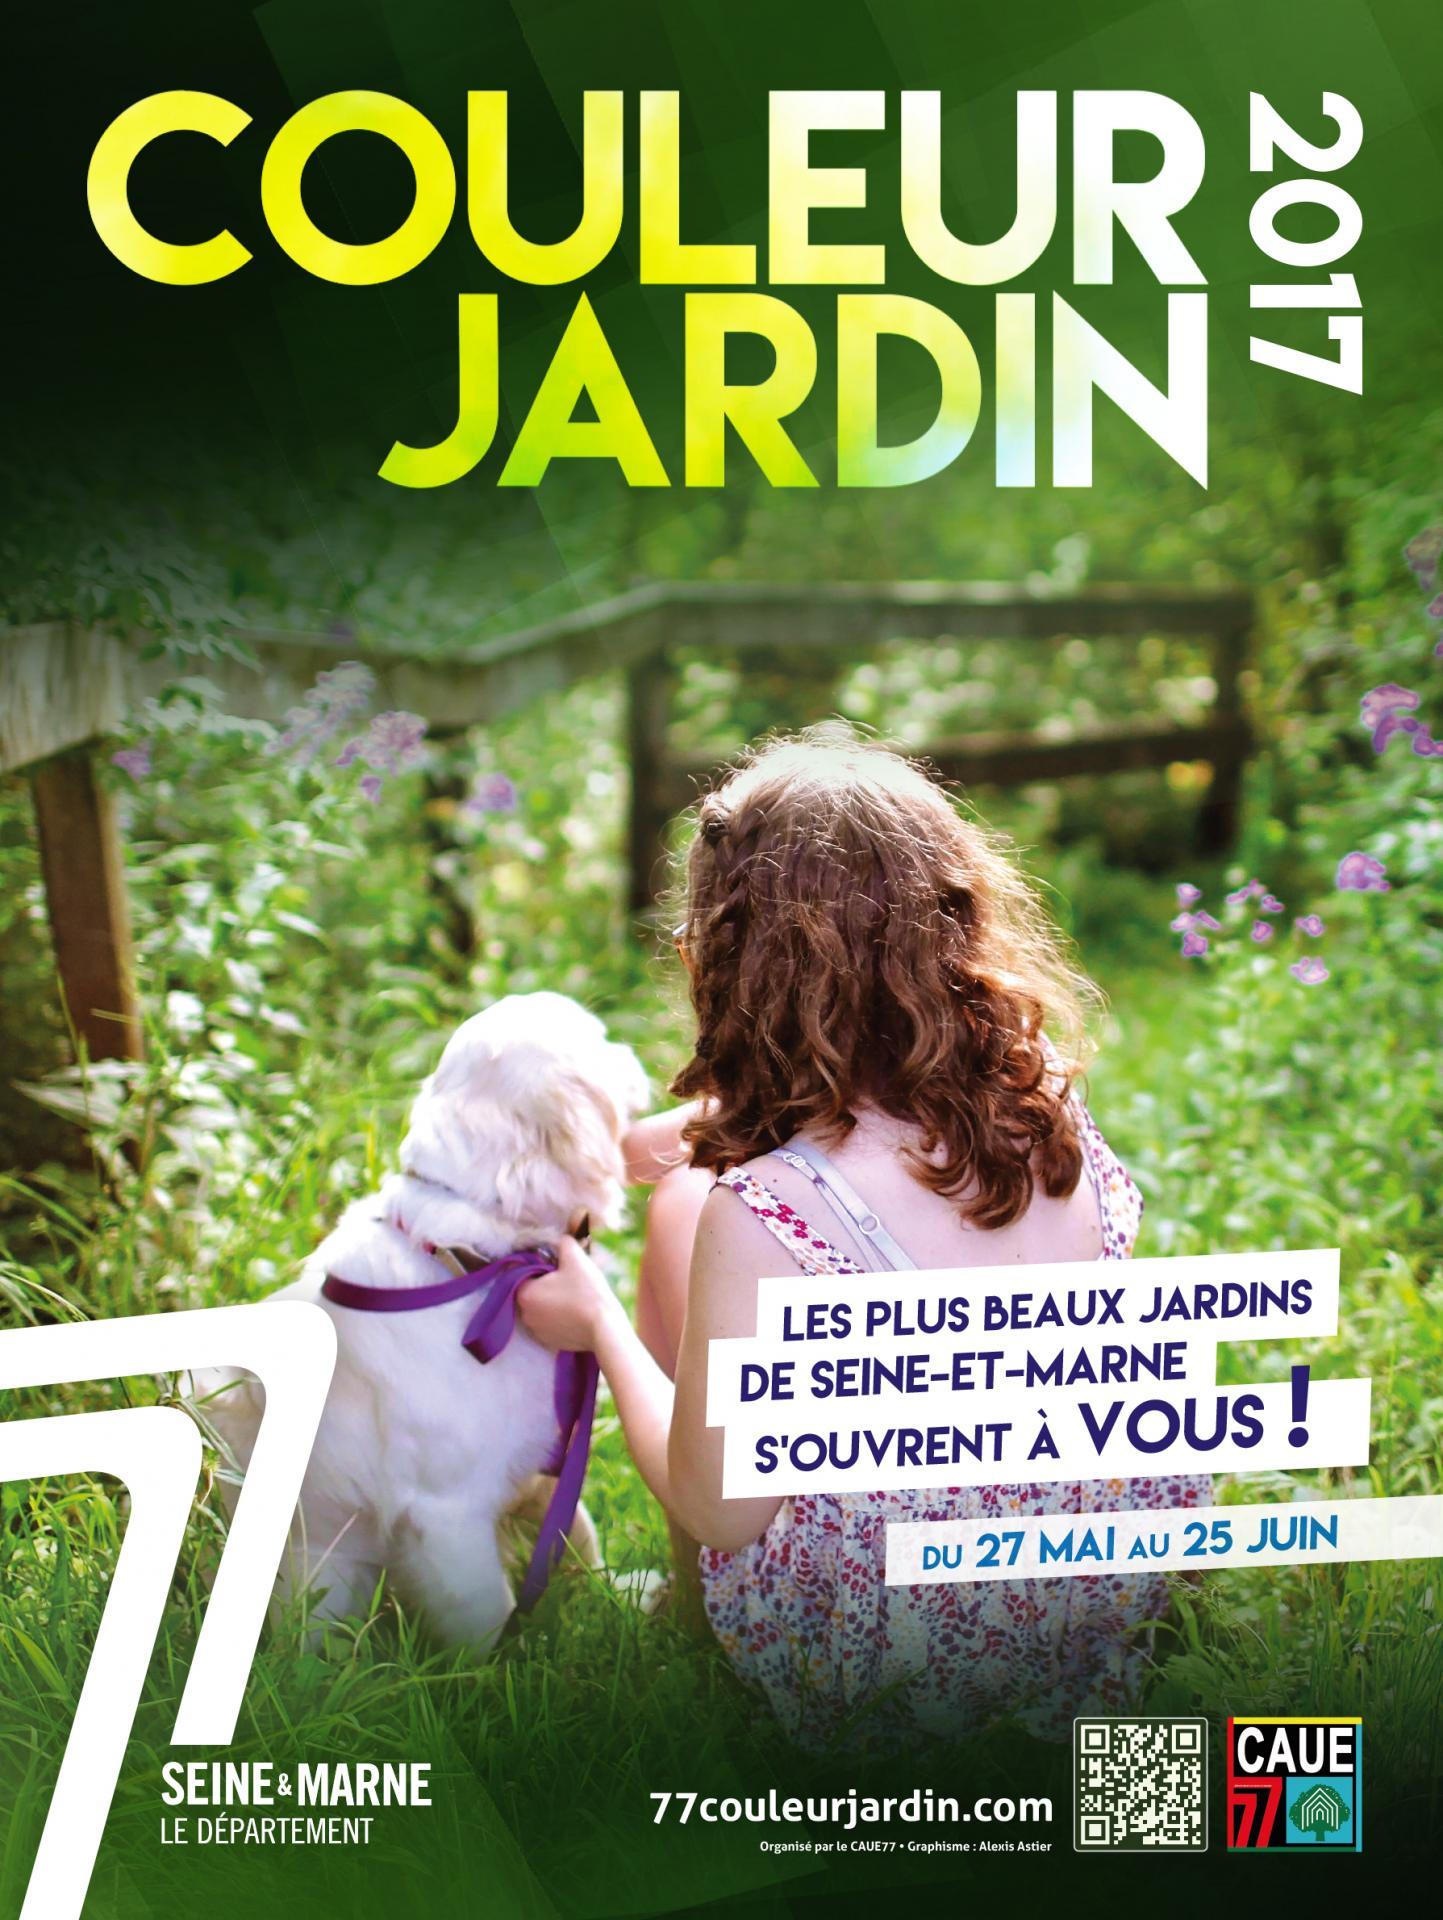 CouleurJardin2017